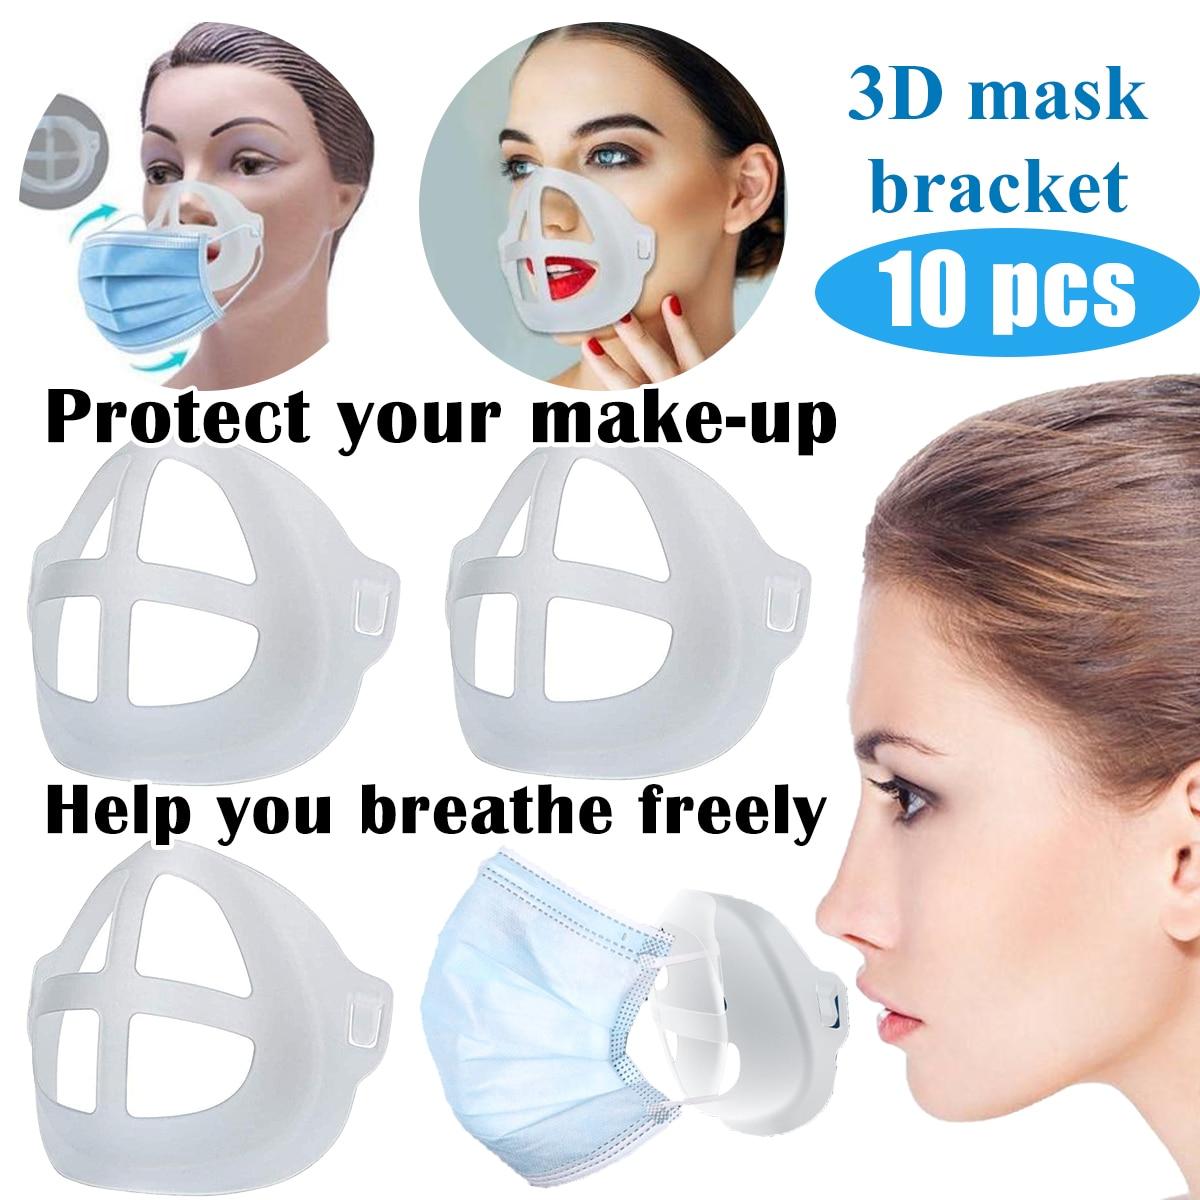 CREA m/ás Espacio para Respirar Protege la respiraci/ón sin Problemas 5 Piezas 3D Soporte de Silicona para Face Bracket,Aclouddates Almohadillas nasales Soporte de protecci/ón para l/ápiz Labial